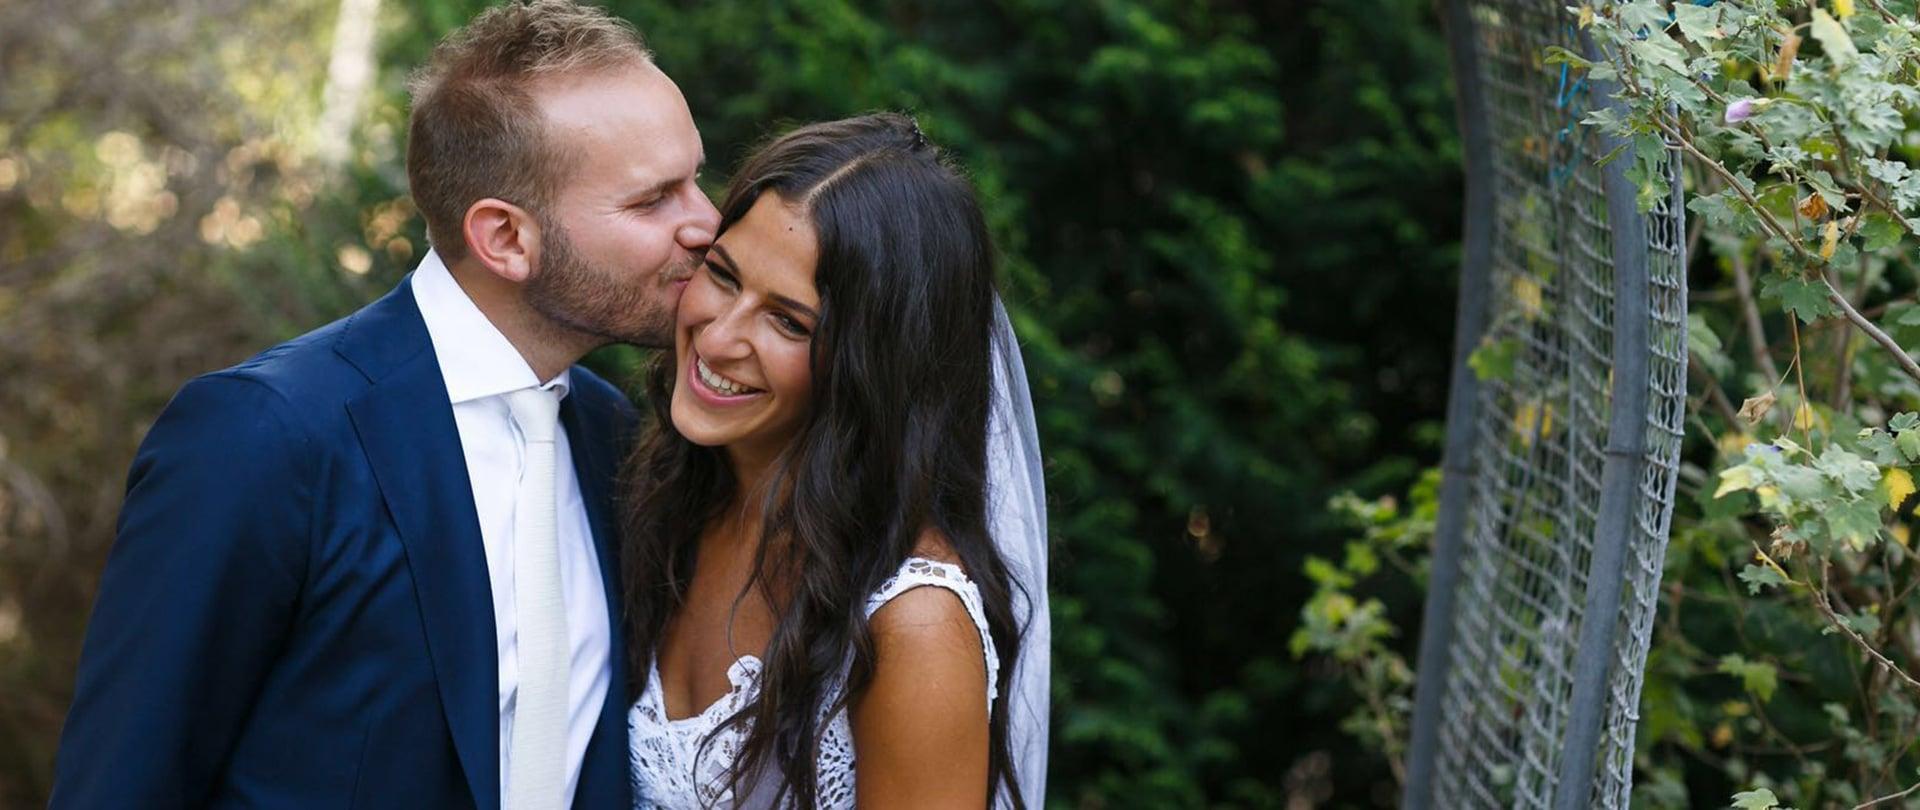 Laura & Josh Wedding Video Filmed at Mornington Peninsula, Victoria